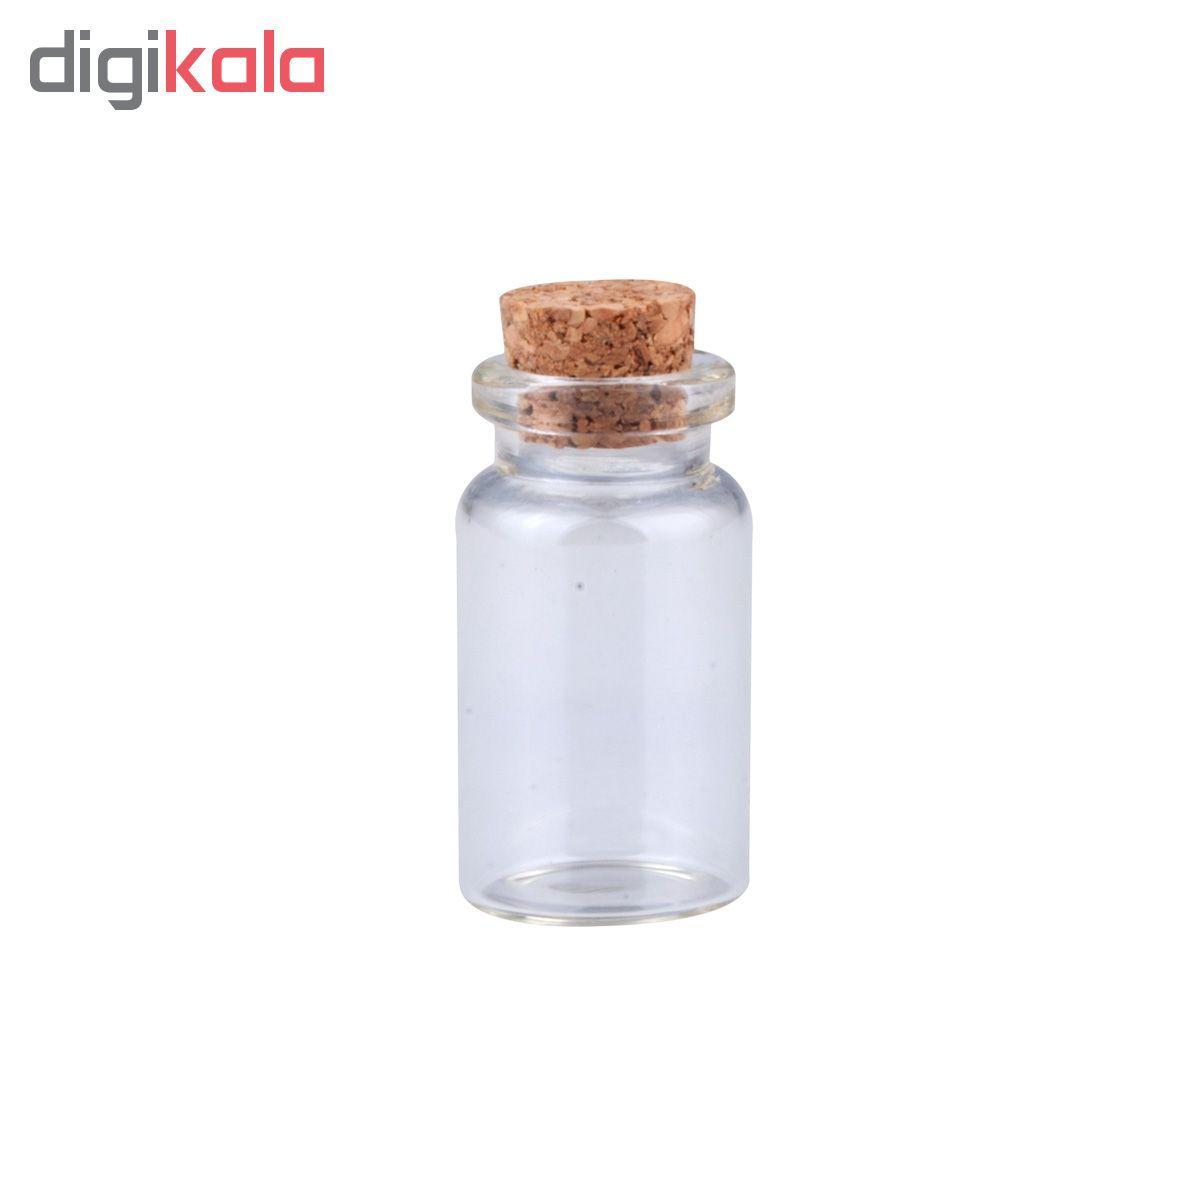 بطری دکوری طرح استوانه کد 0833 بسته 6 عددی main 1 1